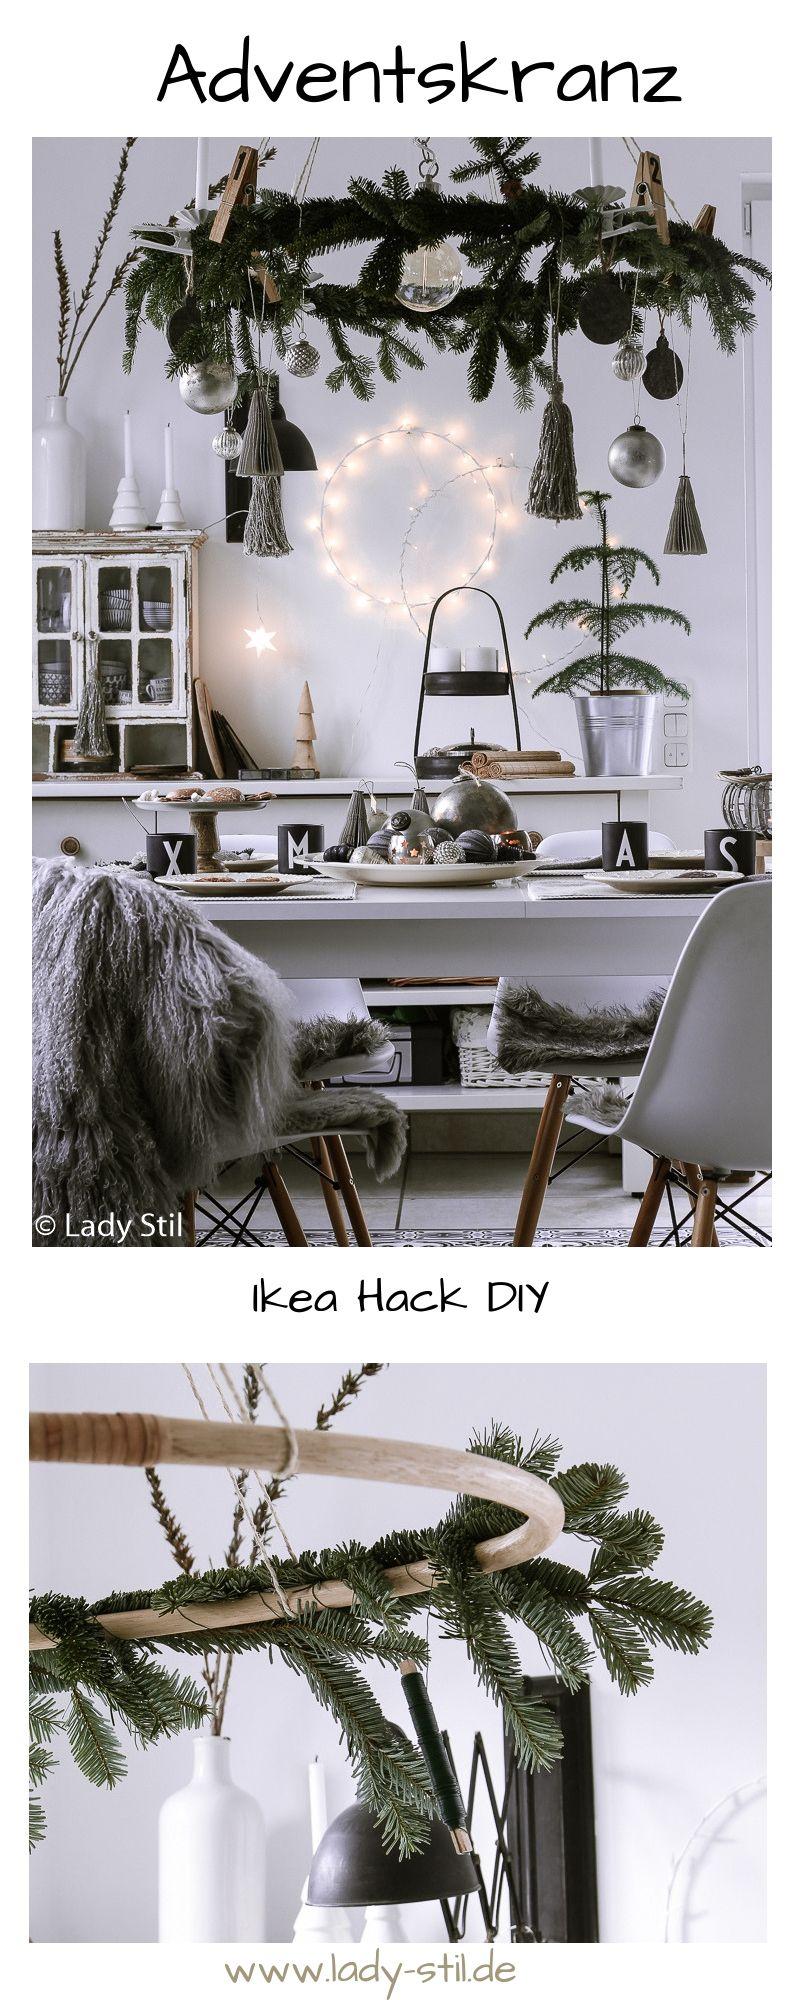 h ngender adventskranz room decor adventskranz ideen. Black Bedroom Furniture Sets. Home Design Ideas